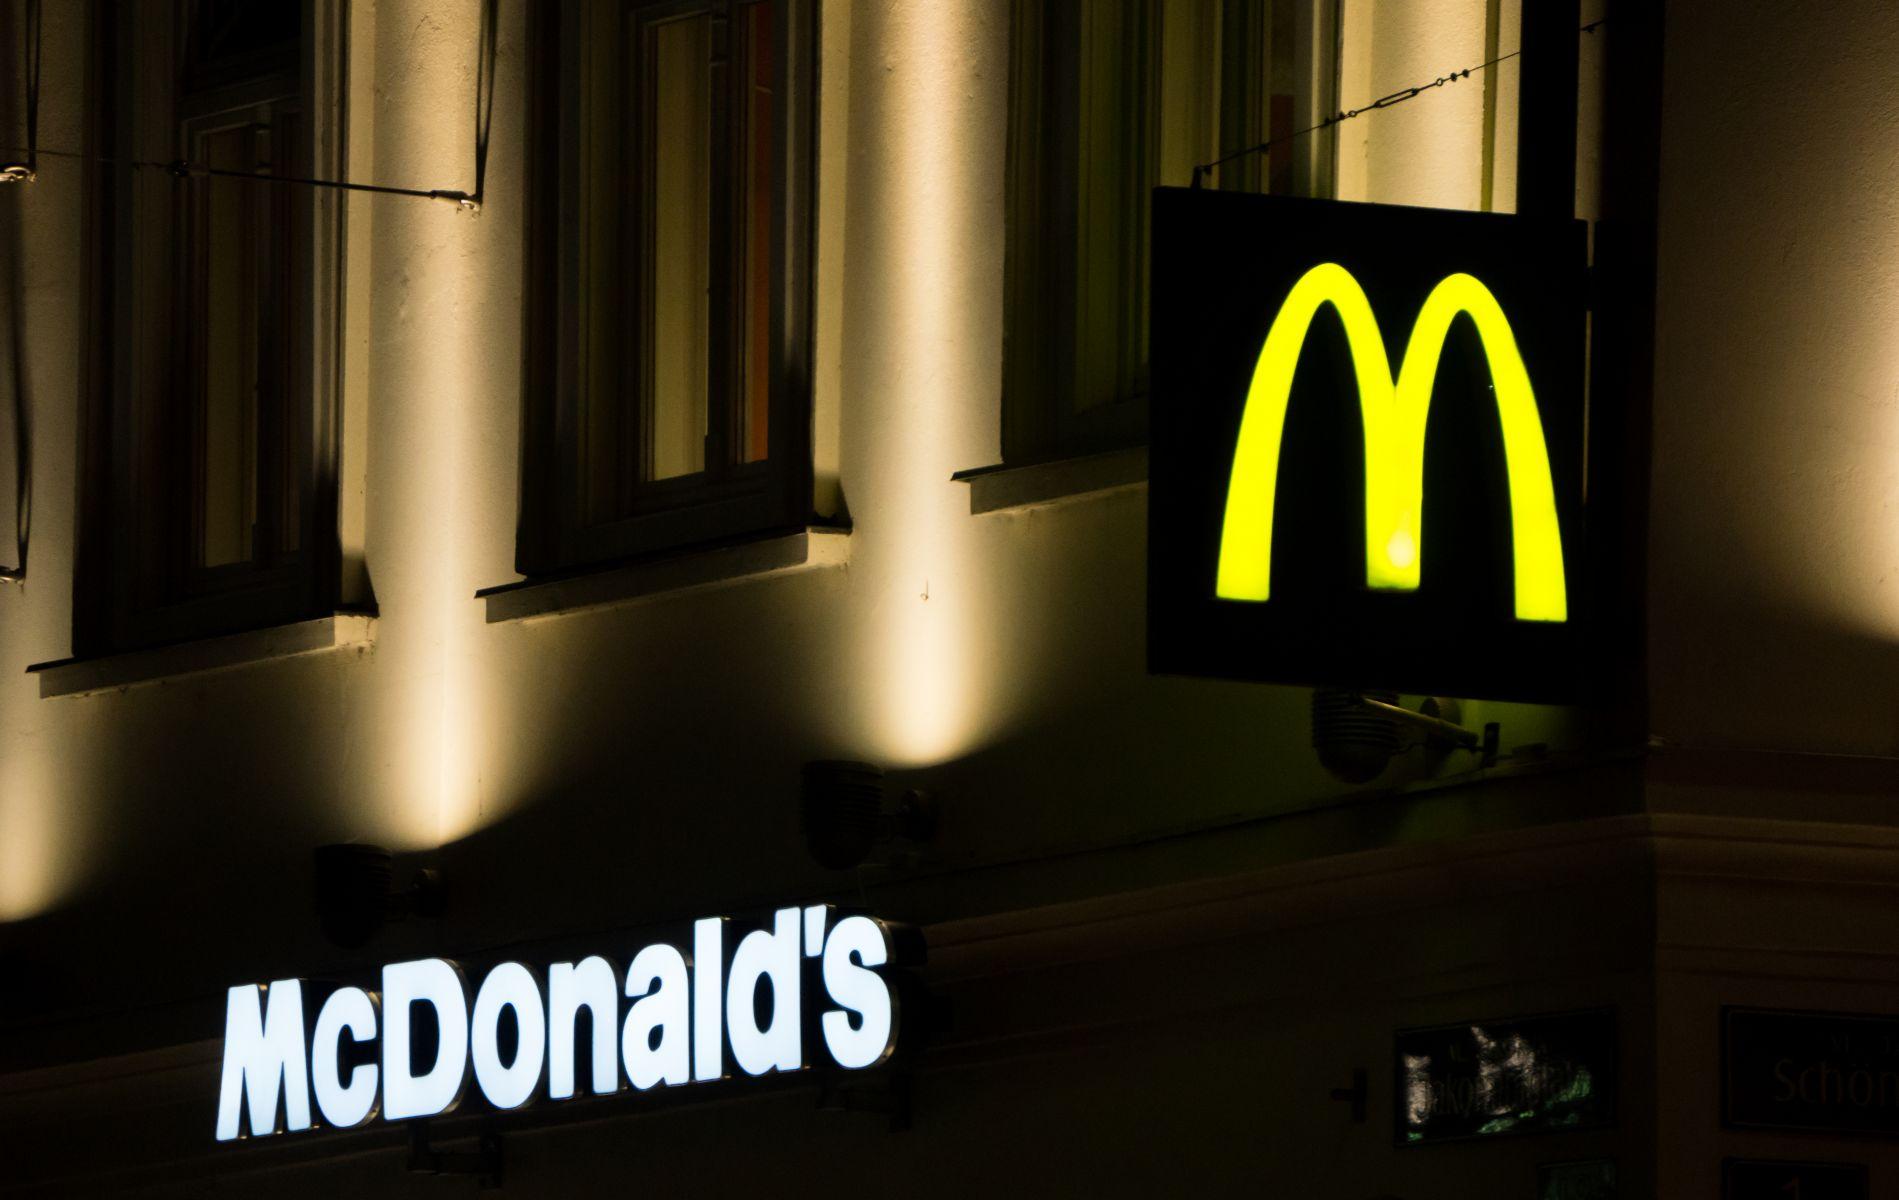 吃麥當勞不用帶現金 刷卡、3大行動支付都能用